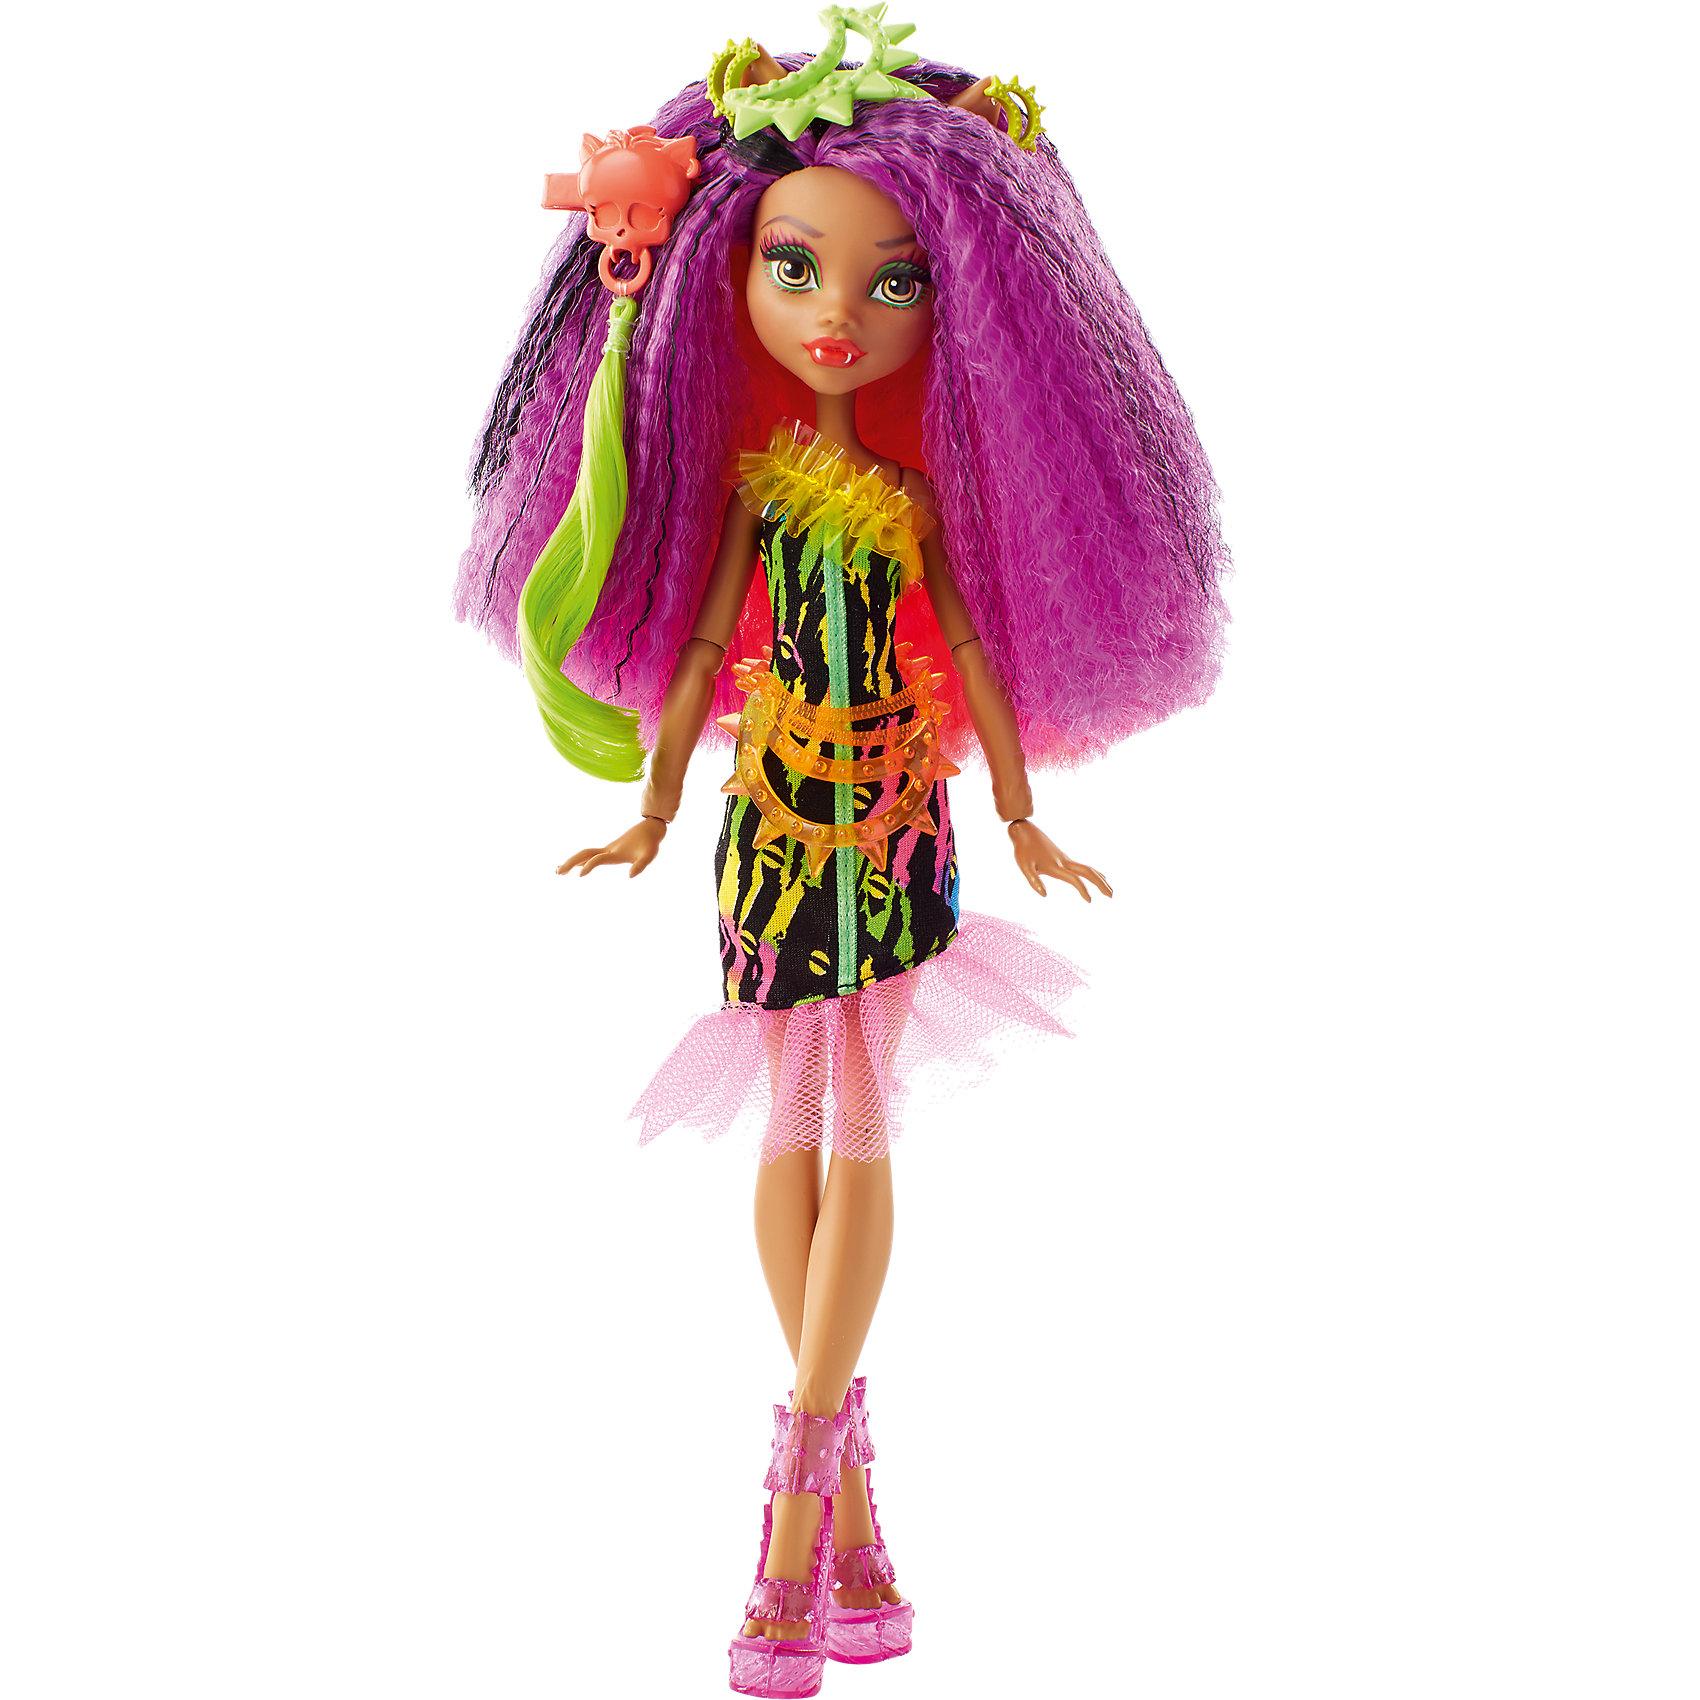 Монстряшка Клодин Вульф из серии Под напряжением, Monster HighХарактеристики товара:<br><br>• комплектация: кукла, аксессуары<br>• материал: пластик, текстиль<br>• серия: Под напряжением<br>• руки, ноги гнутся<br>• высота куклы: 28 см<br>• возраст: от трех лет<br>• размер упаковки: 20.3x32.4x6.4 см<br>• вес: 0,3 кг<br>• страна бренда: США<br><br>Такая современная кукла порадует маленьких любительниц мультфильмов про мир Monster High. Костюм героини мультфильма дополняет обувь и аксессуары. Руки и ноги гнутся! Кукла Твила из серии Под напряжением, Monster High, станет великолепным подарком для девочек.<br><br>Таки куклы помогают девочкам отработать сценарии поведения в обществе, развить воображение и мелкую моторику. Кукла от бренда Mattel не перестает быть популярной! <br><br>Куклу Монстряшка Клодин Вульф из серии Под напряжением, Monster High от компании Mattel можно купить в нашем интернет-магазине.<br><br>Ширина мм: 348<br>Глубина мм: 205<br>Высота мм: 71<br>Вес г: 239<br>Возраст от месяцев: 72<br>Возраст до месяцев: 120<br>Пол: Женский<br>Возраст: Детский<br>SKU: 5089102